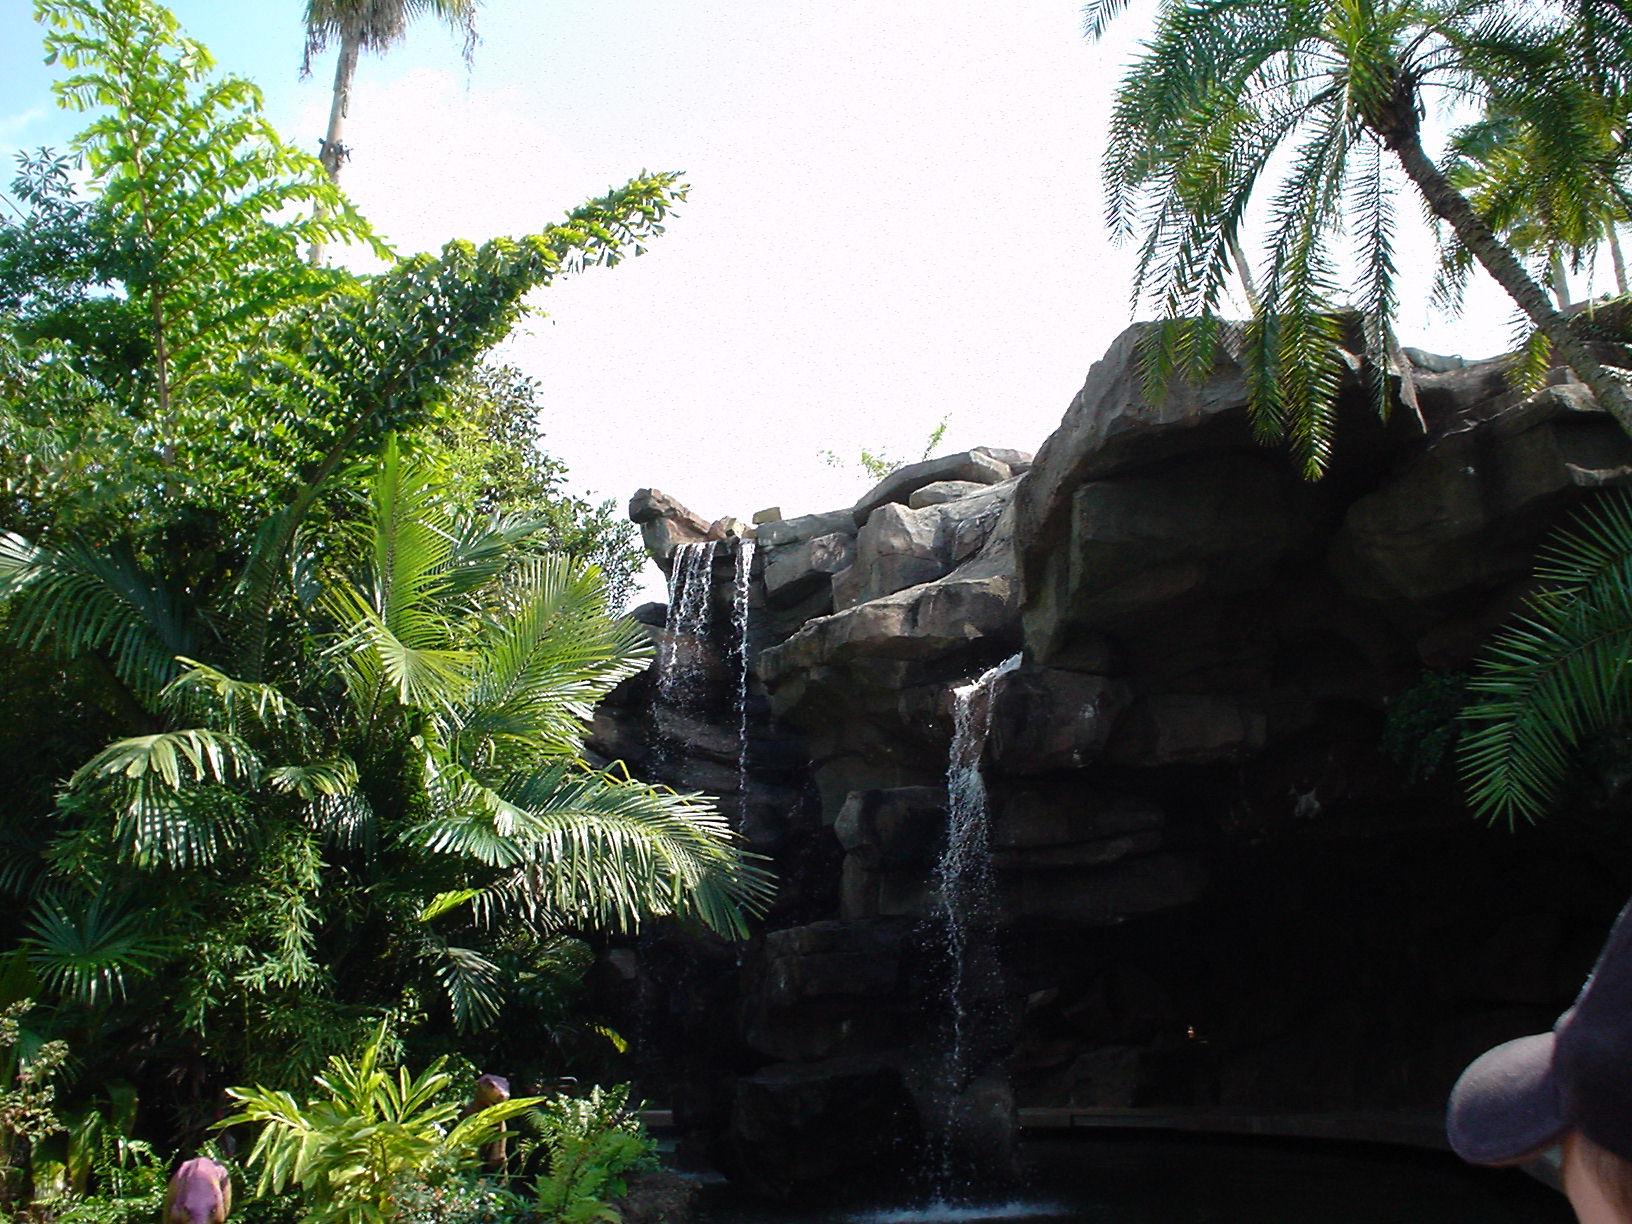 Jurasic Park